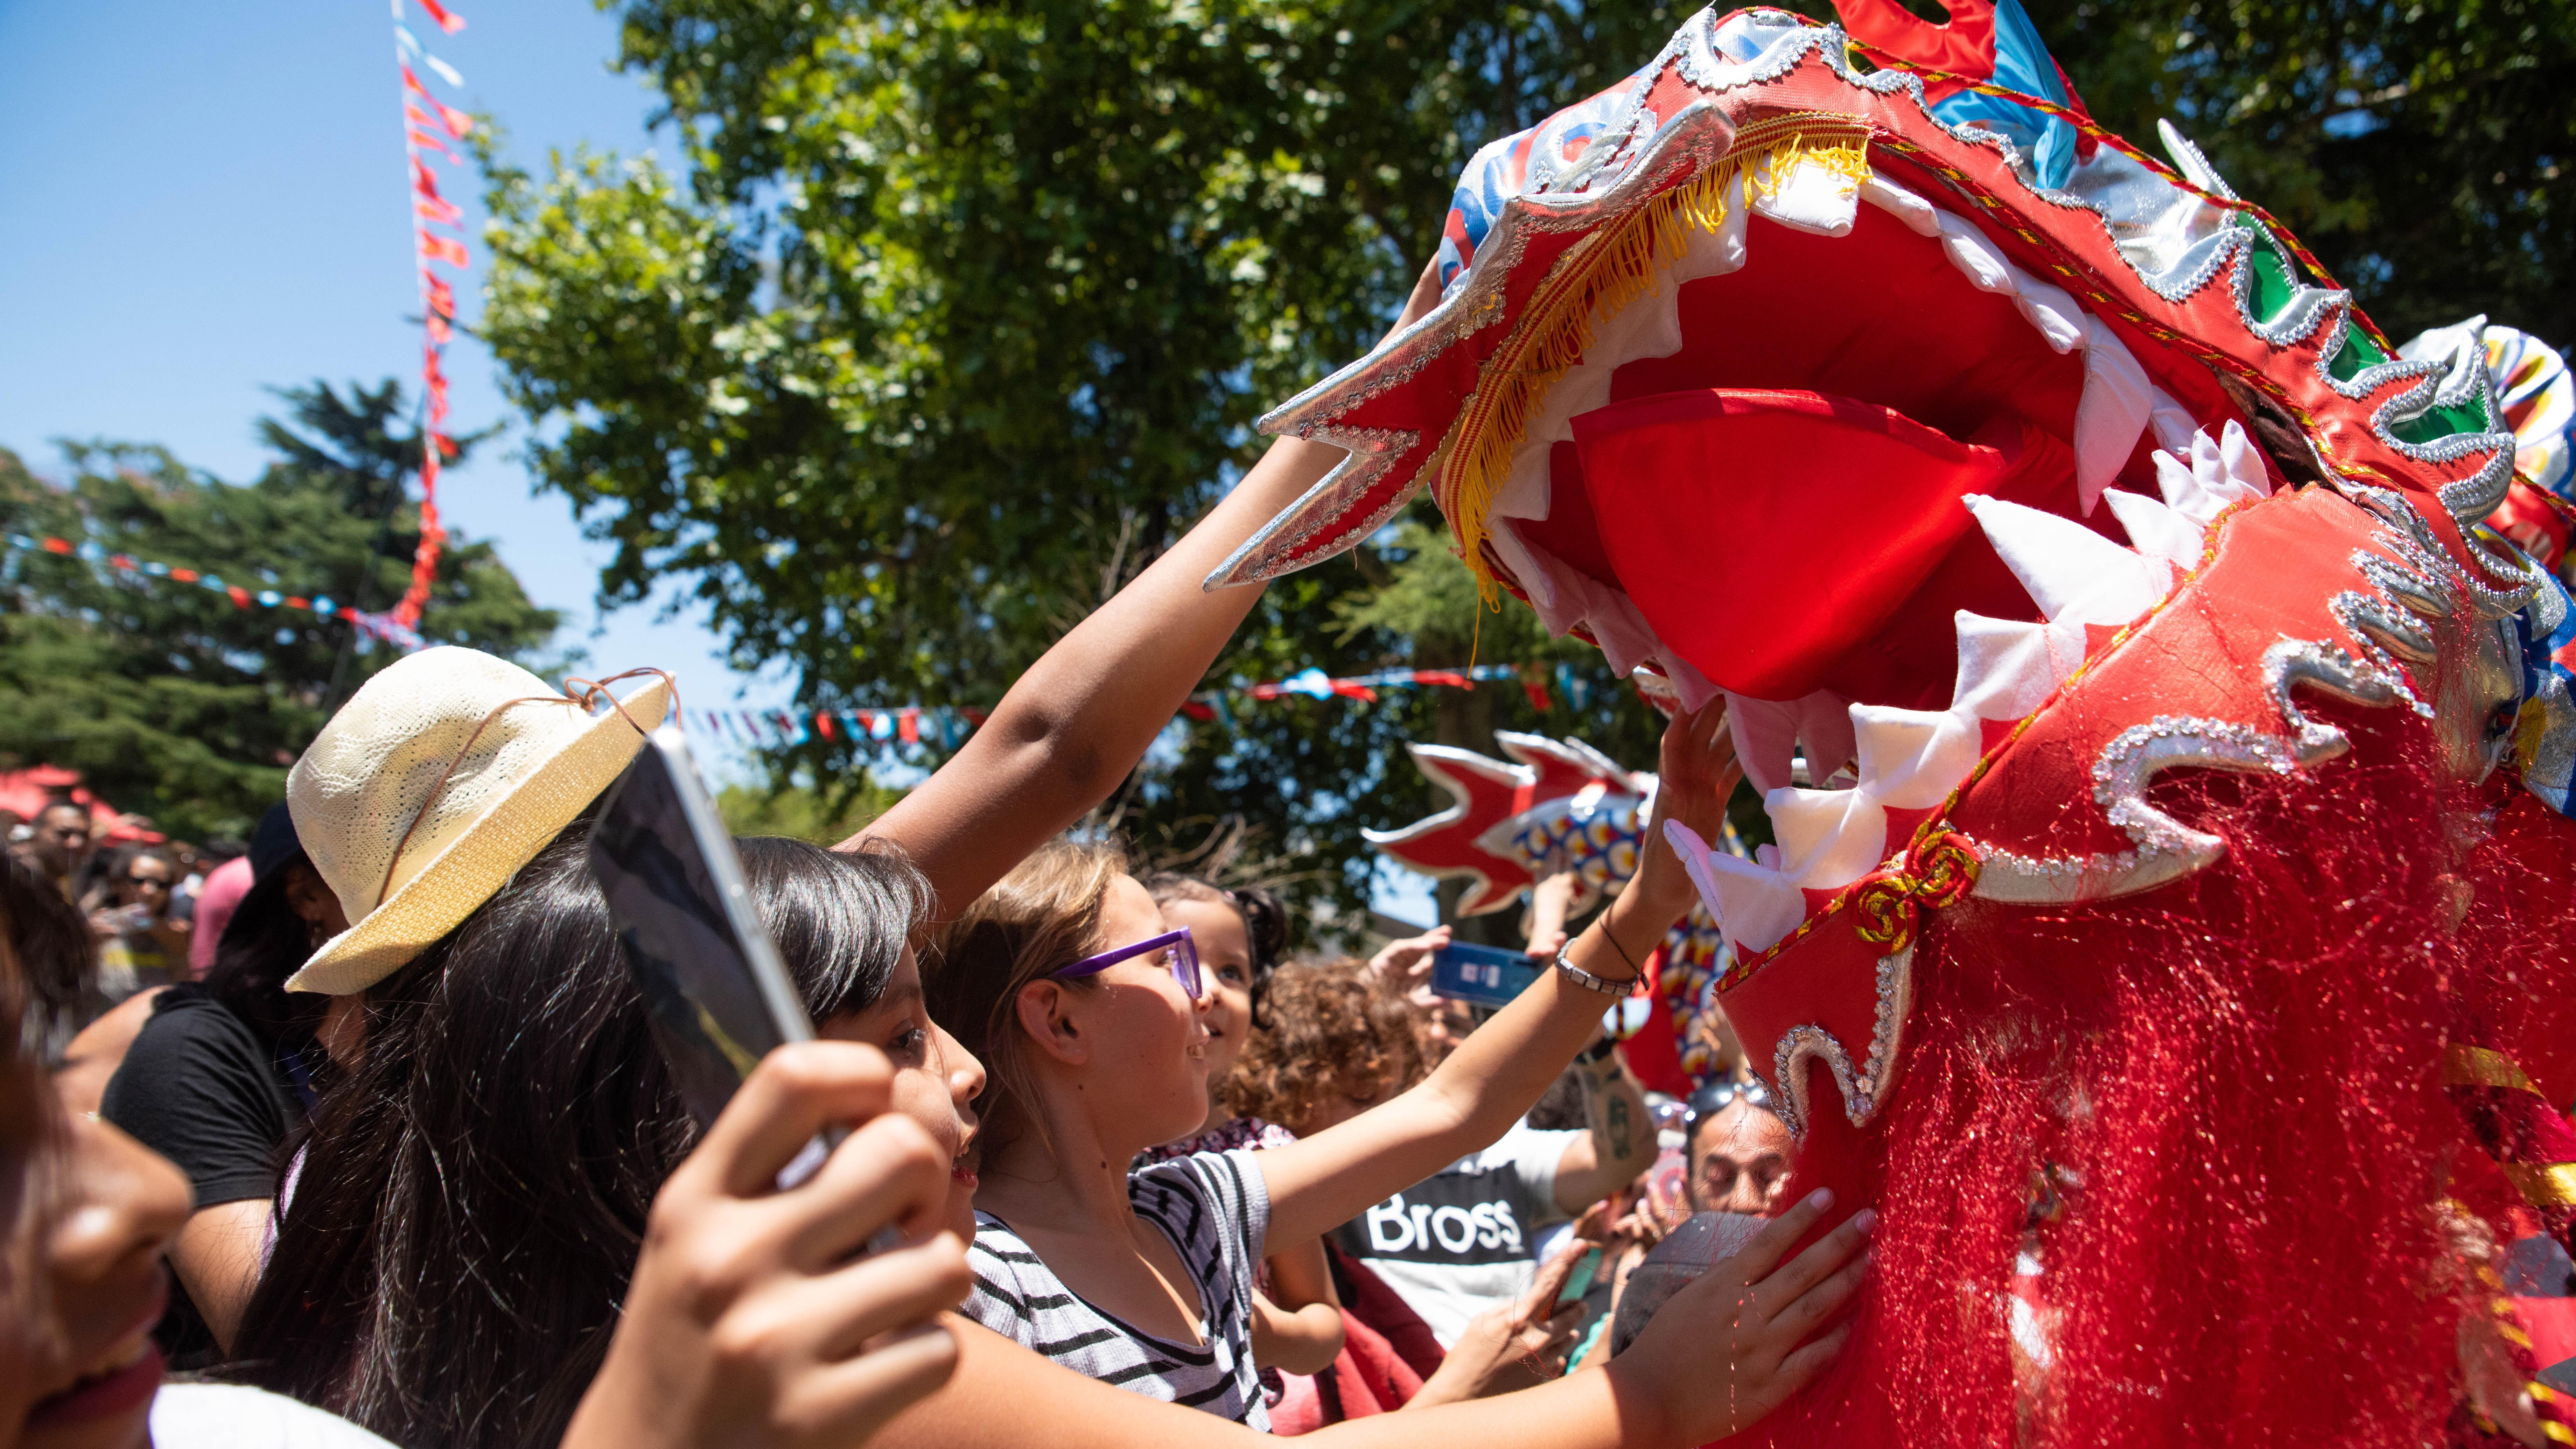 La imagen del dragón, un símbolo característico de la cultura china, estuvo presente en varios momentos de la fiesta.